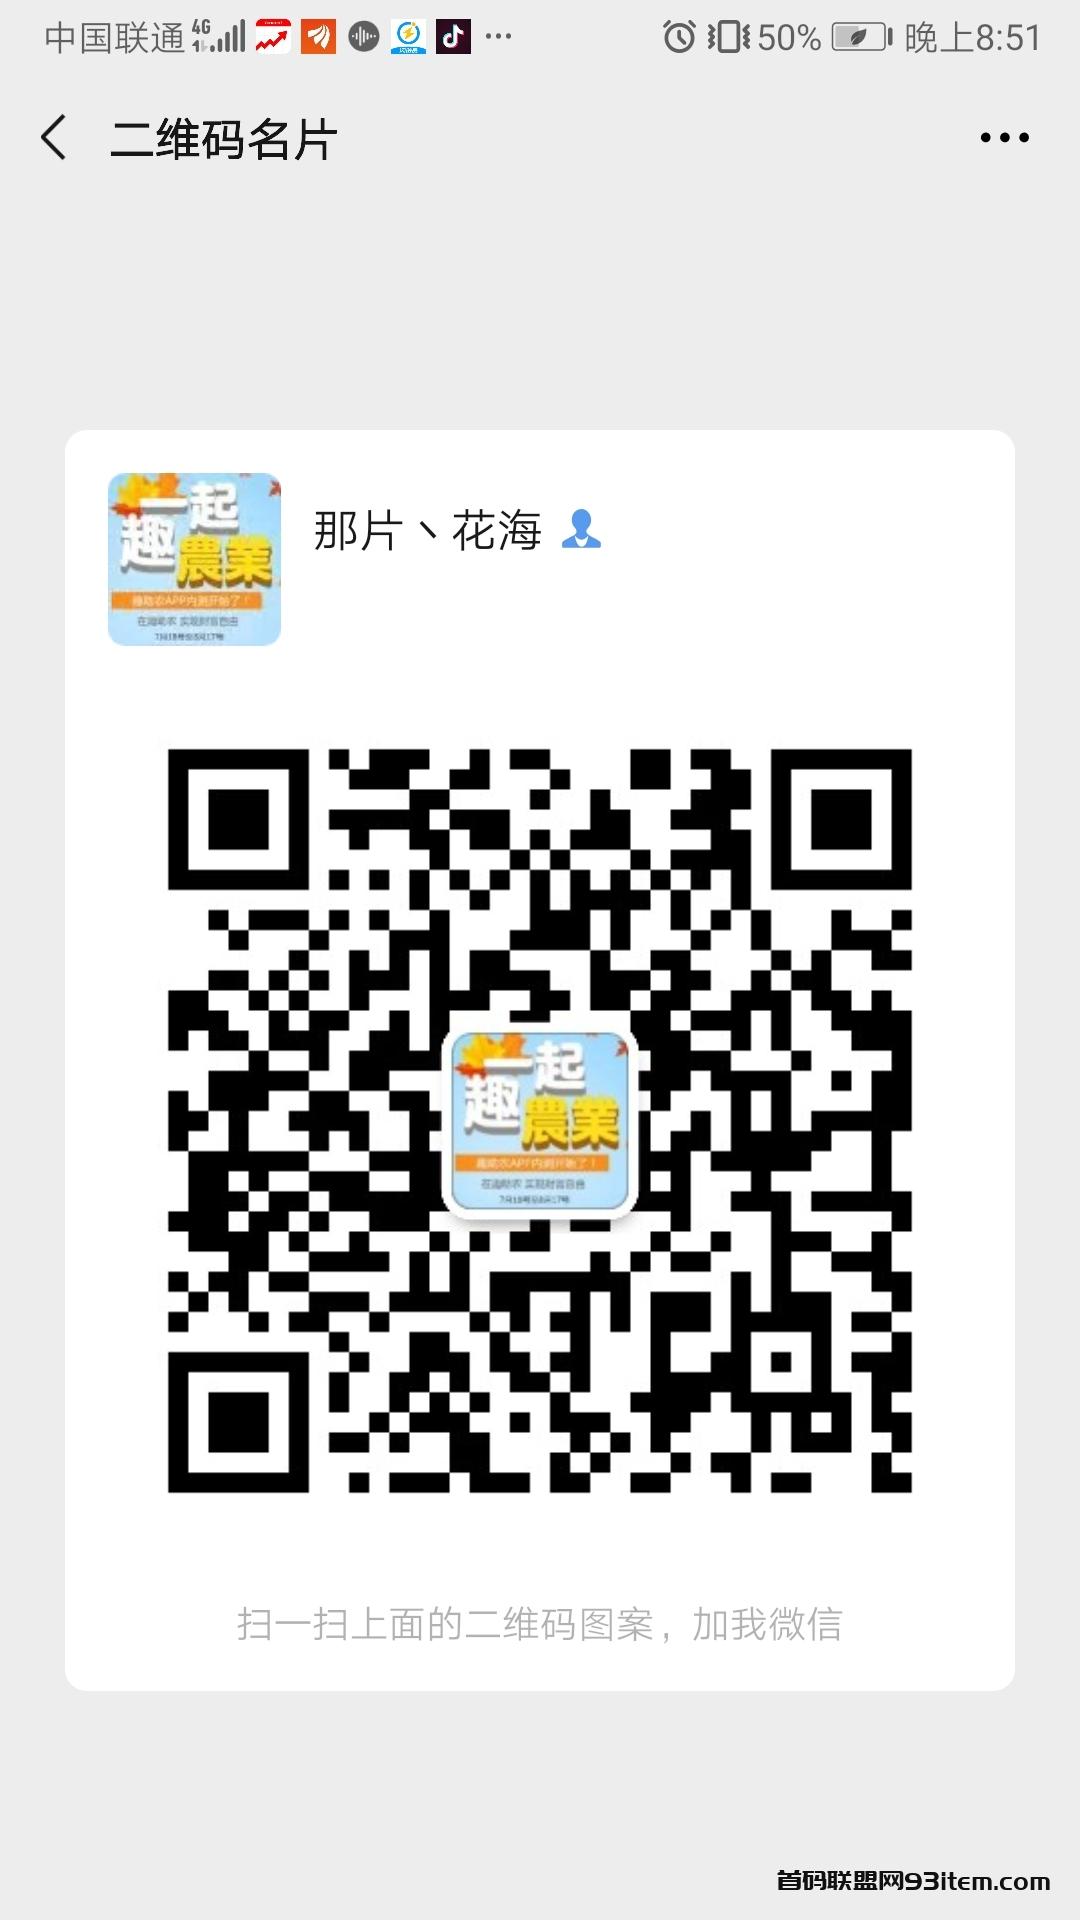 Screenshot_20200727_205150_com.tencent.mm